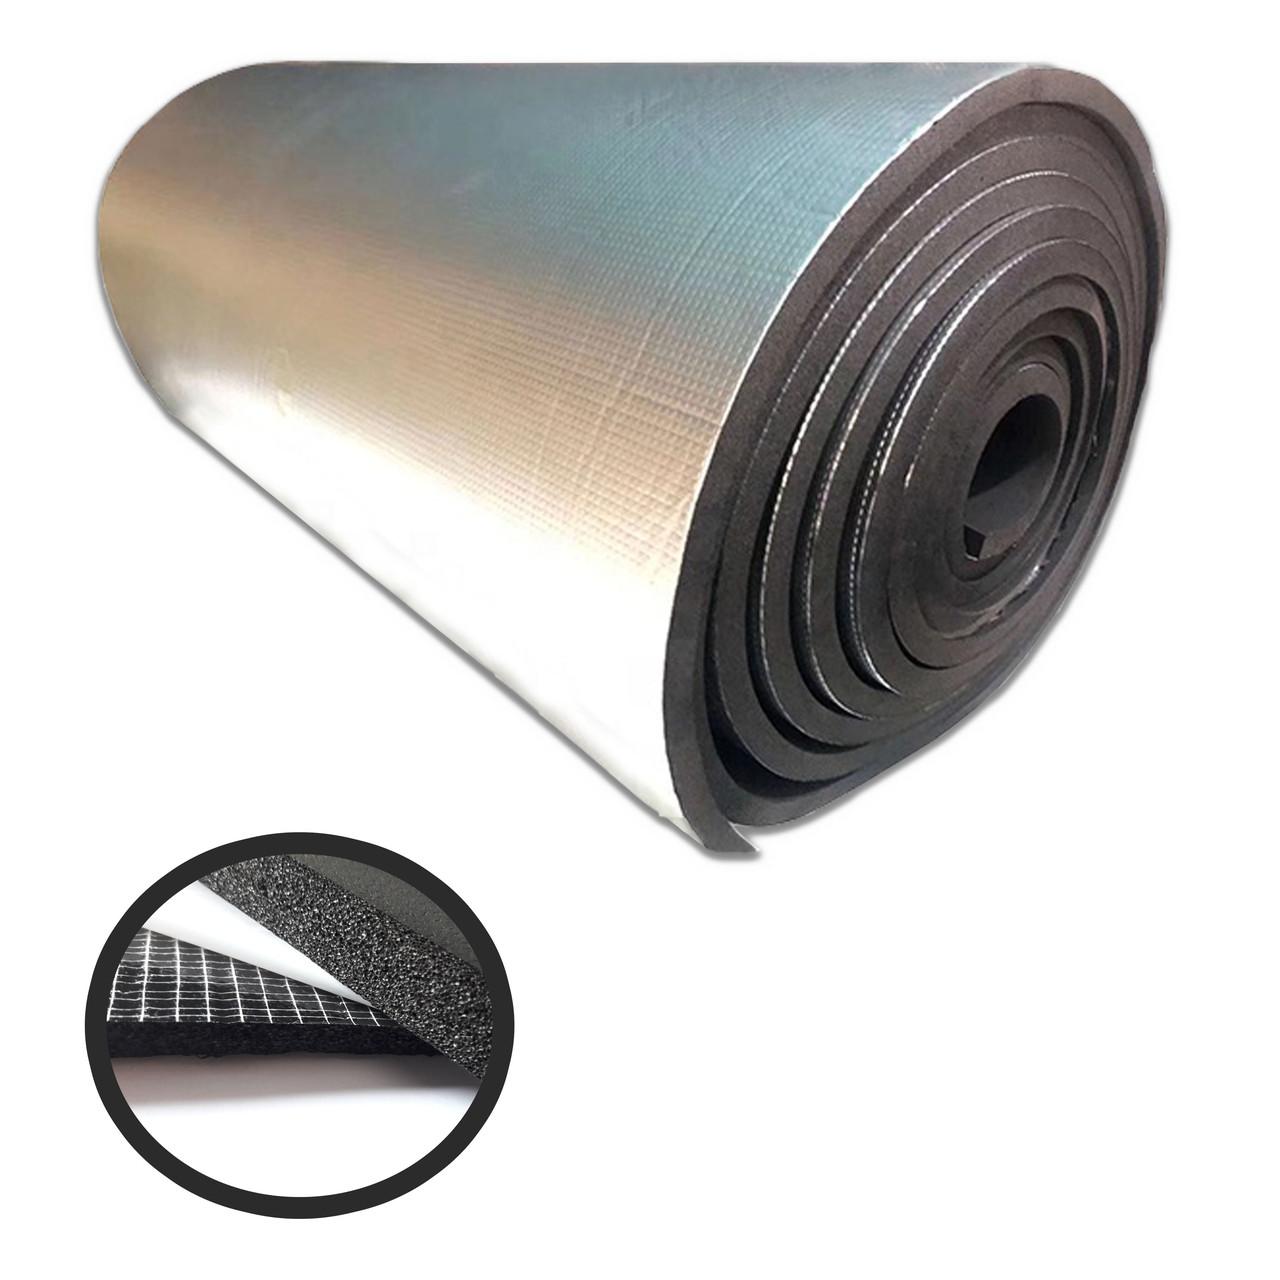 Вспененный каучук 50 мм самоклеющийся фольгированный (утеплитель, шумоизоляция)